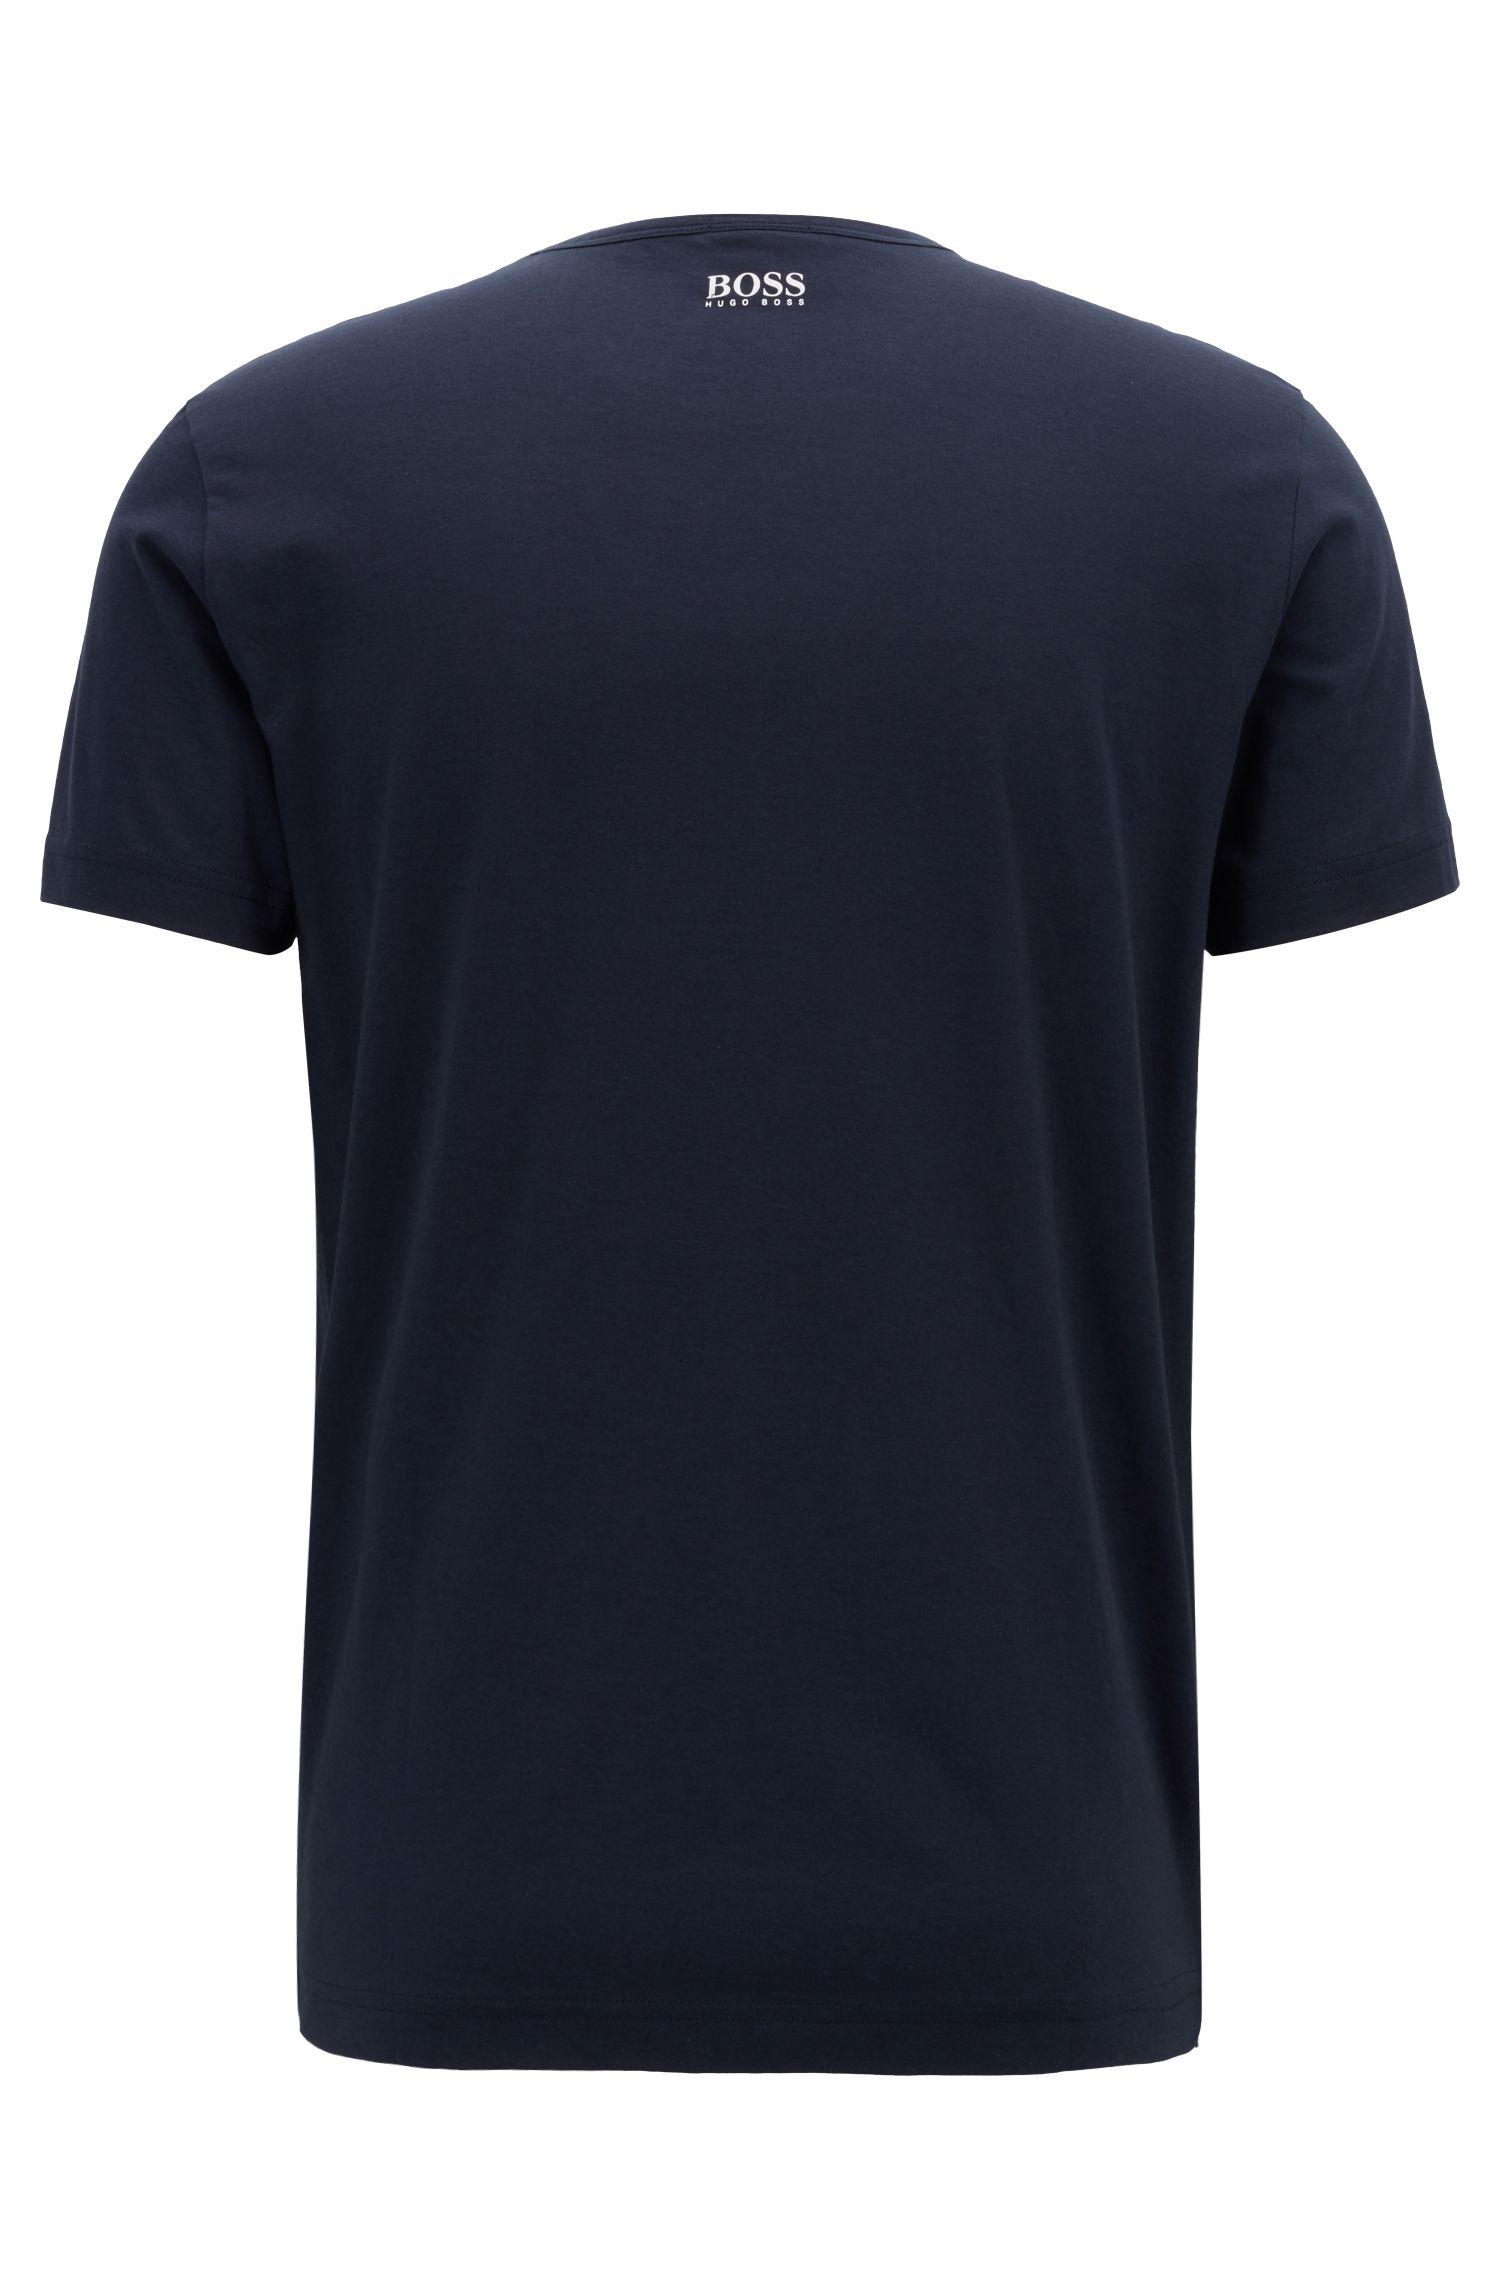 T-Shirt aus Baumwolle mit Logo-Print, Dunkelblau